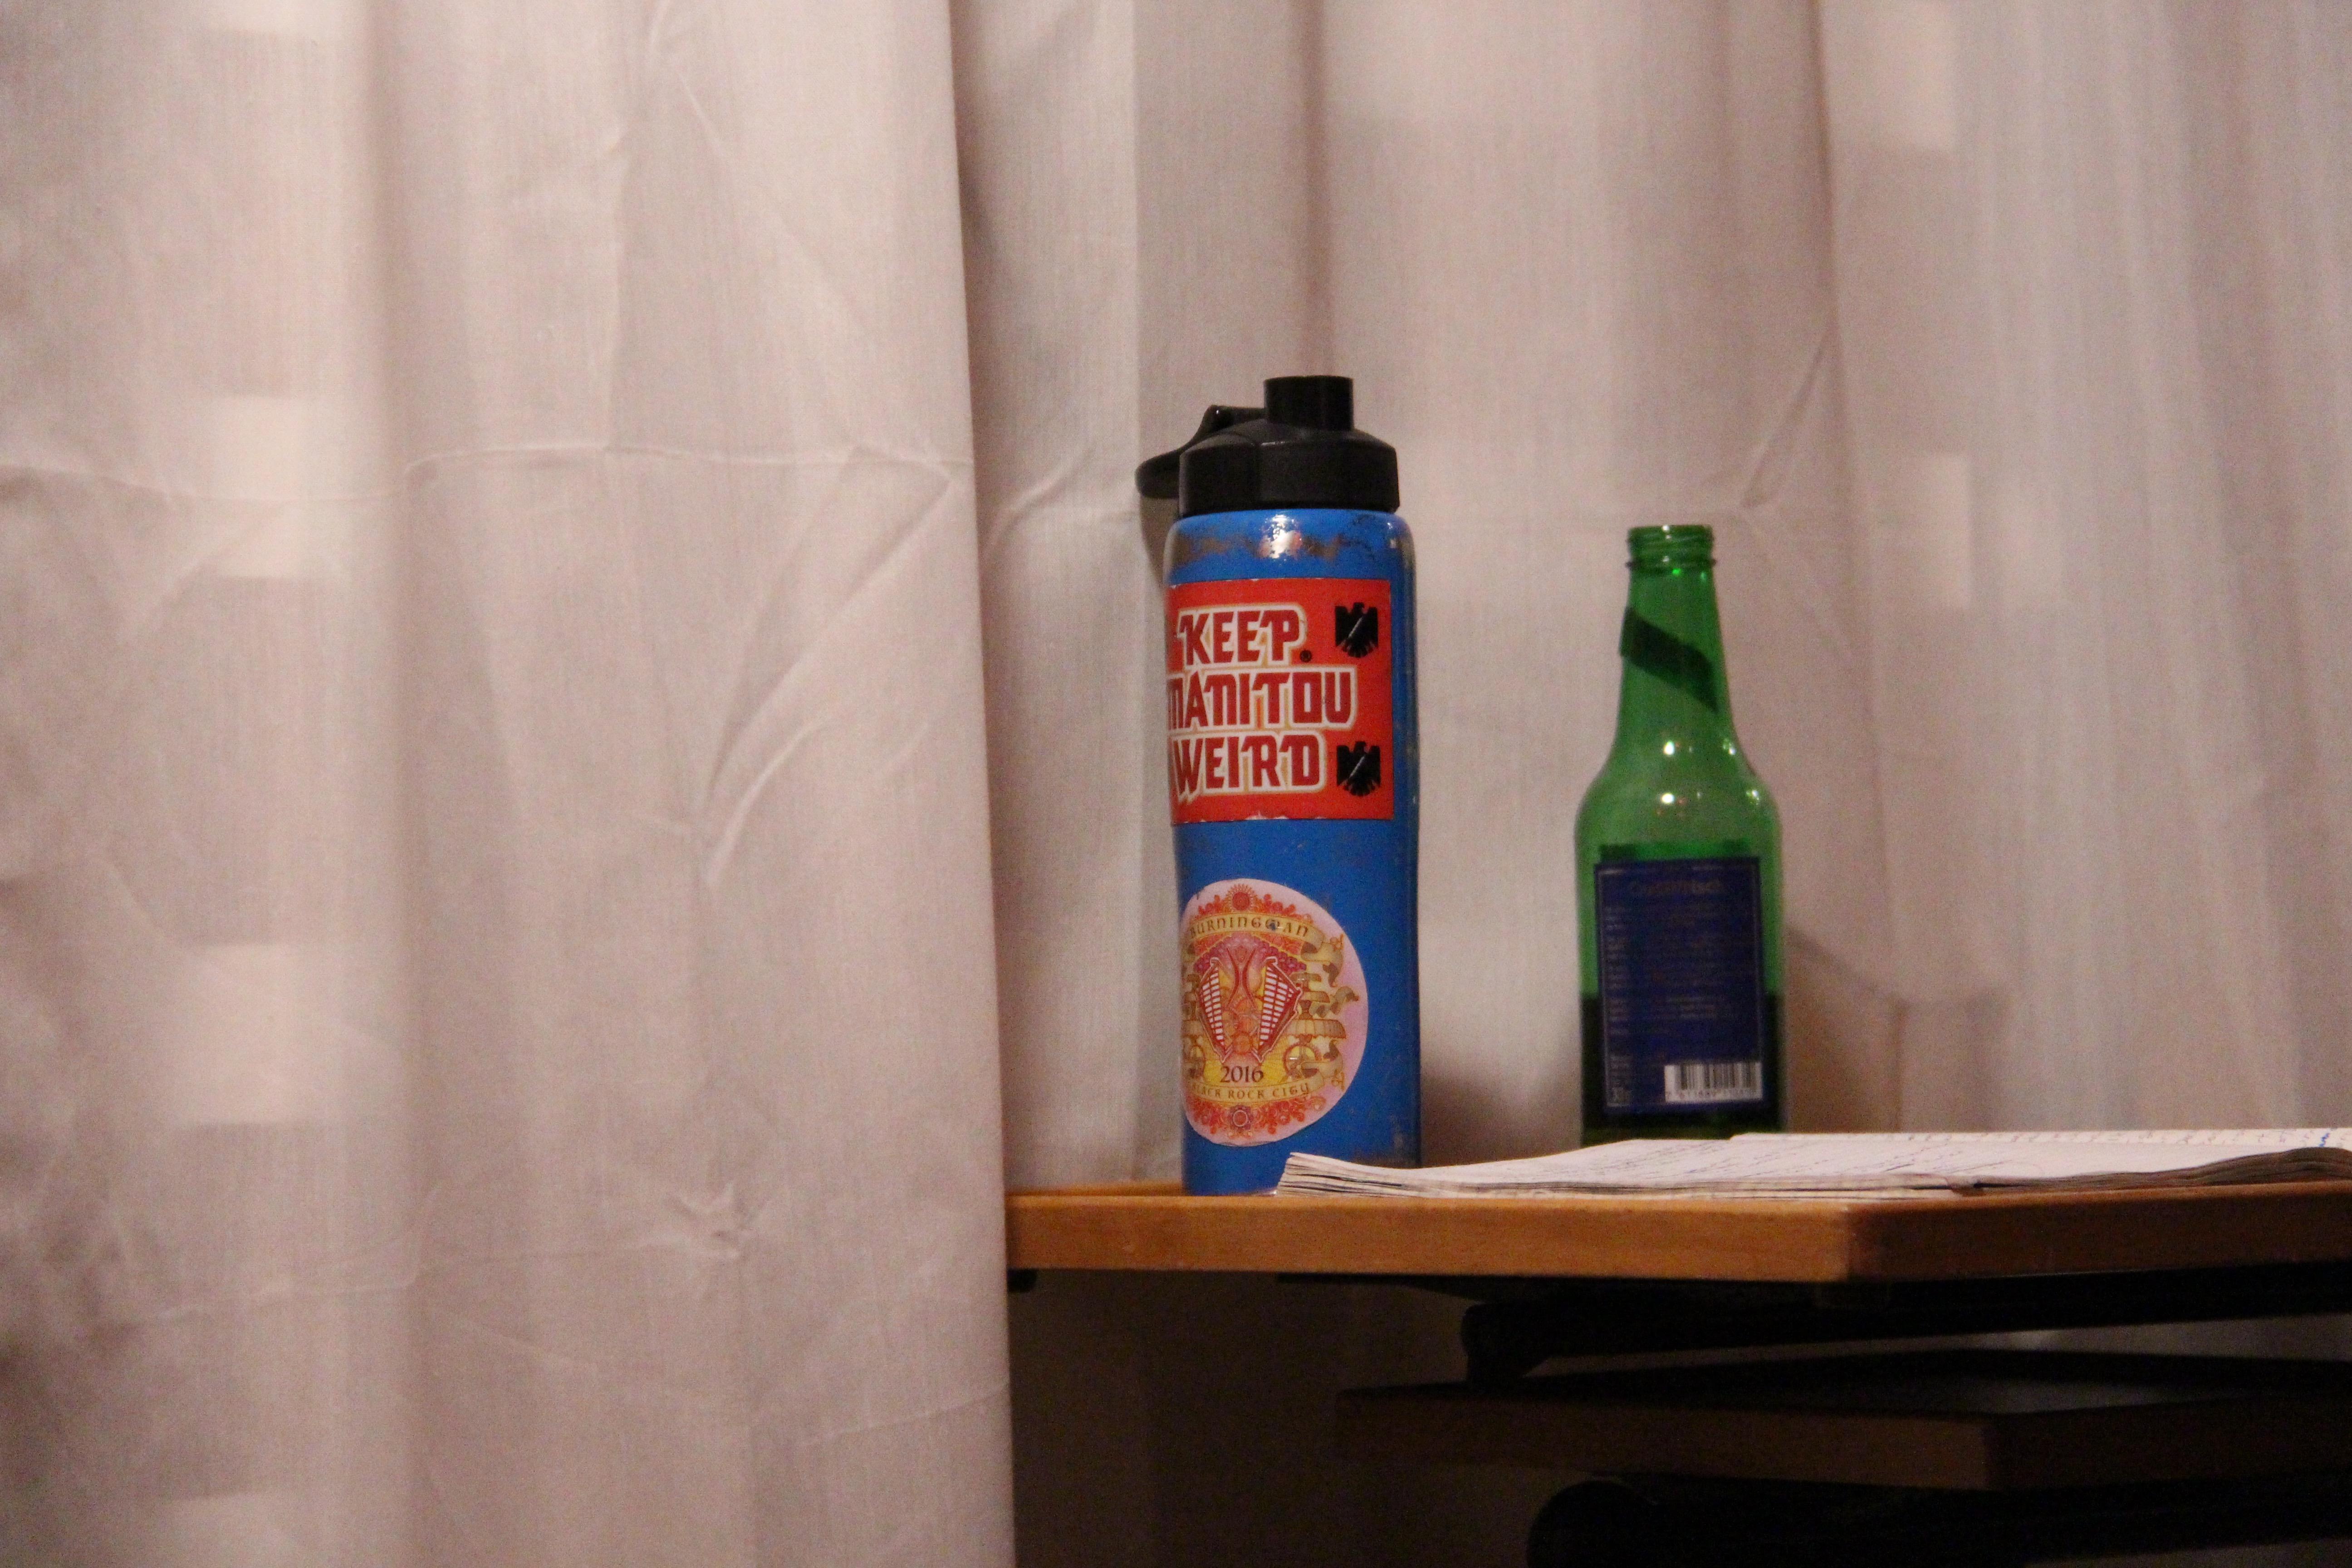 Die blaue Blechflasche begleitet Reece Pontiff auf ihren Reisen: In den meisten Videos ist sie irgendwo im Hintergrund zu sehen.